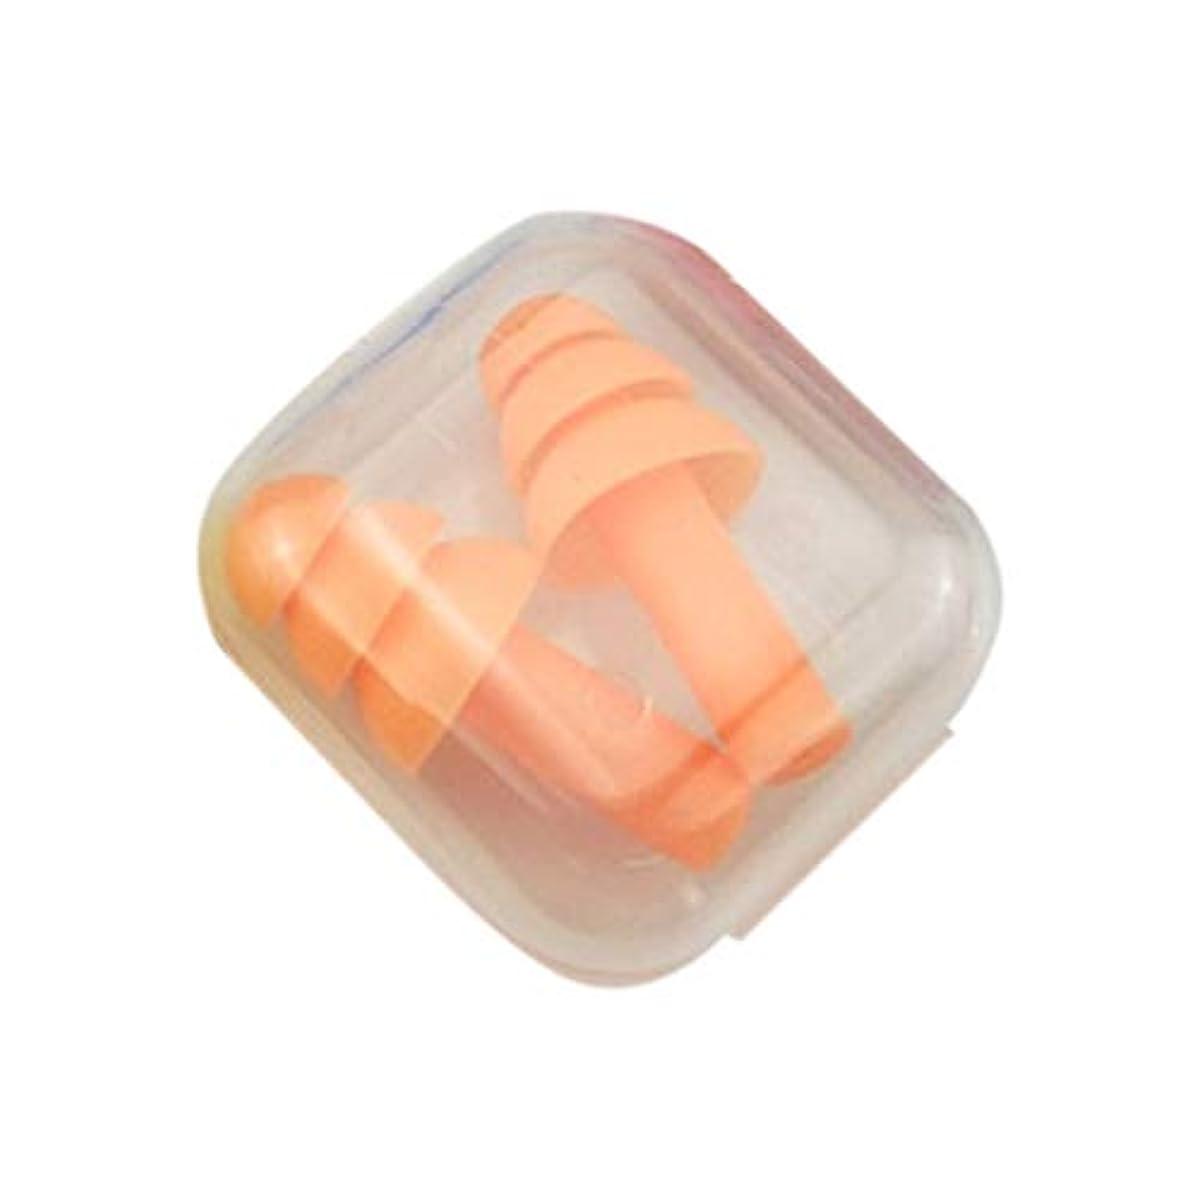 法廷貢献絞る柔らかいシリコーンの耳栓遮音用耳の保護用の耳栓防音睡眠ボックス付き収納ボックス - オレンジ